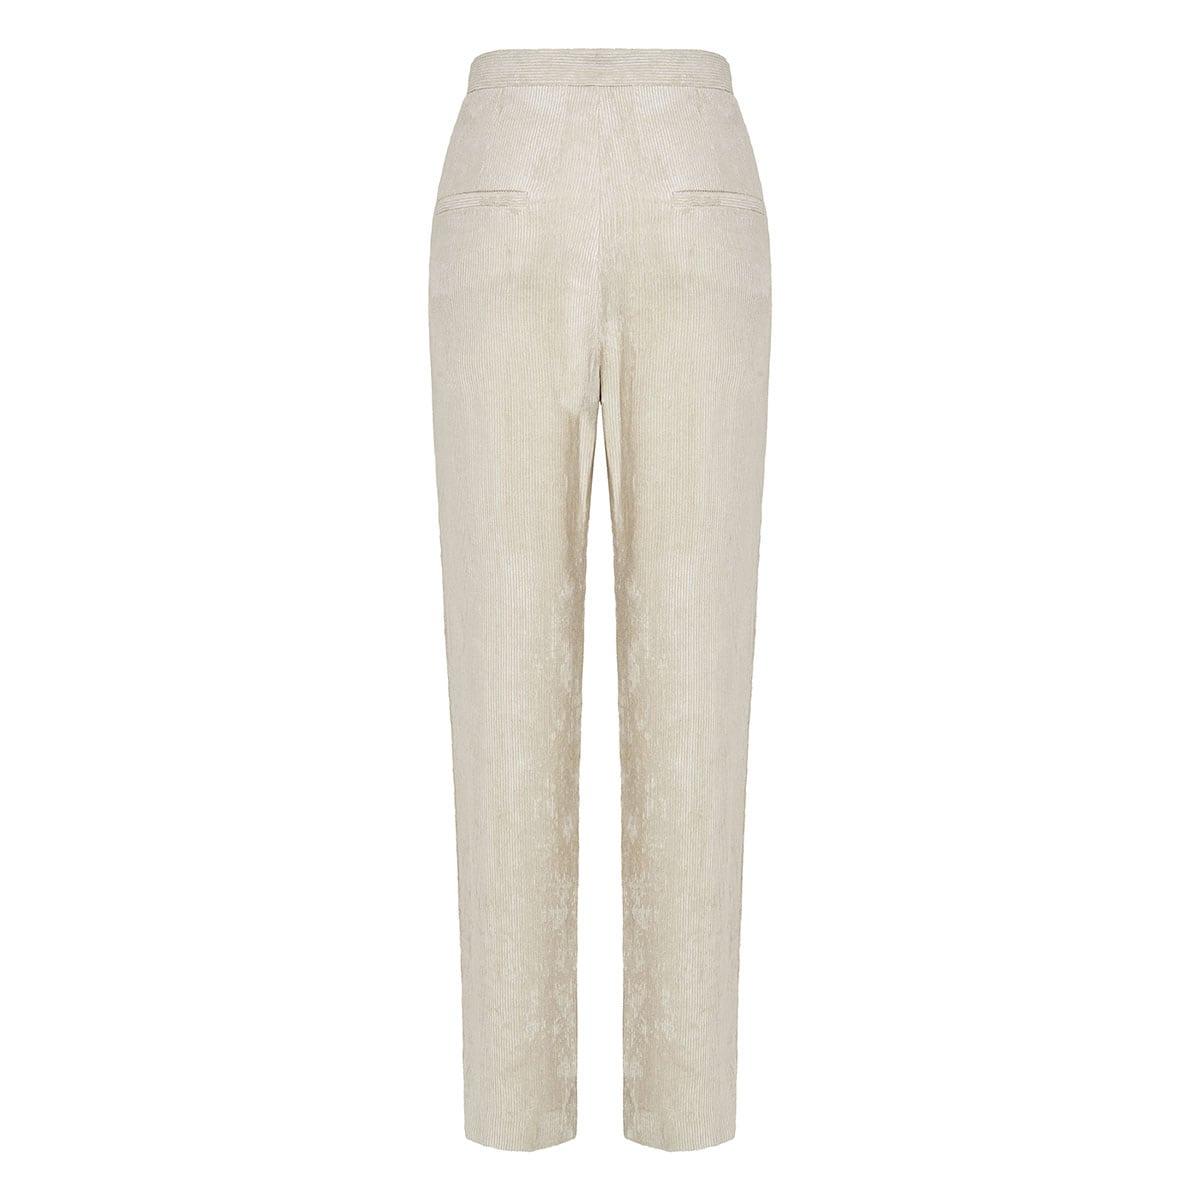 Fany corduroy wide-leg trousers